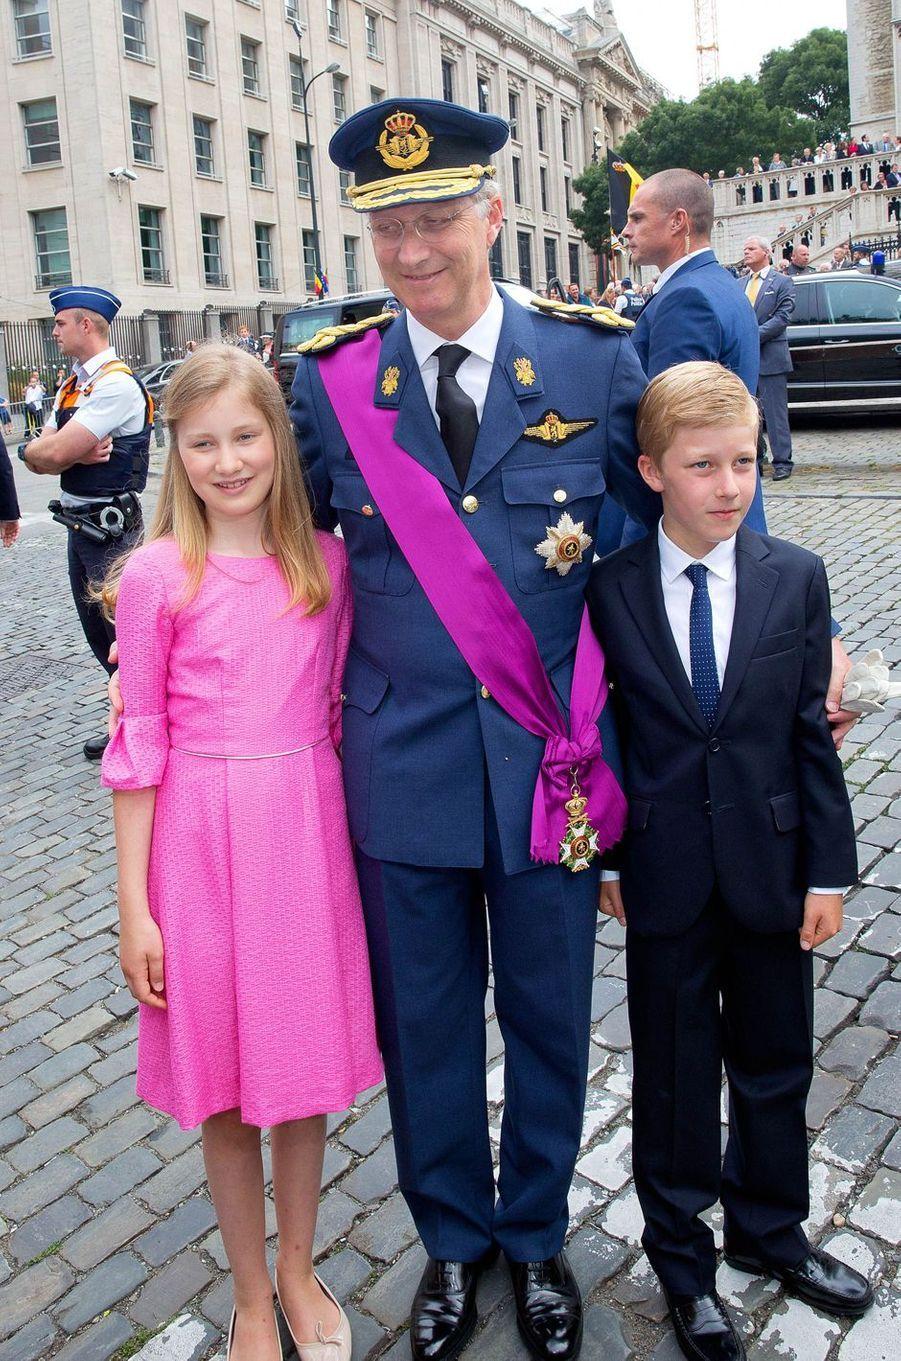 La princesse Elisabeth de Belgique avec le roi des Belges Philippe et le prince Emmanuel, le 21 juillet 2015